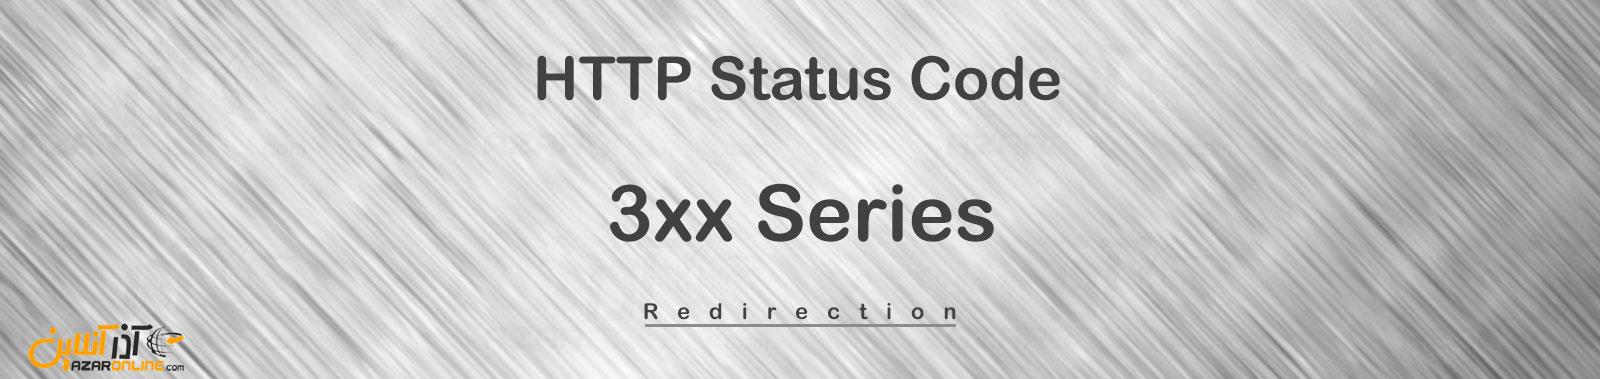 لیست کدهای وضعیت HTTP - سری 3xx